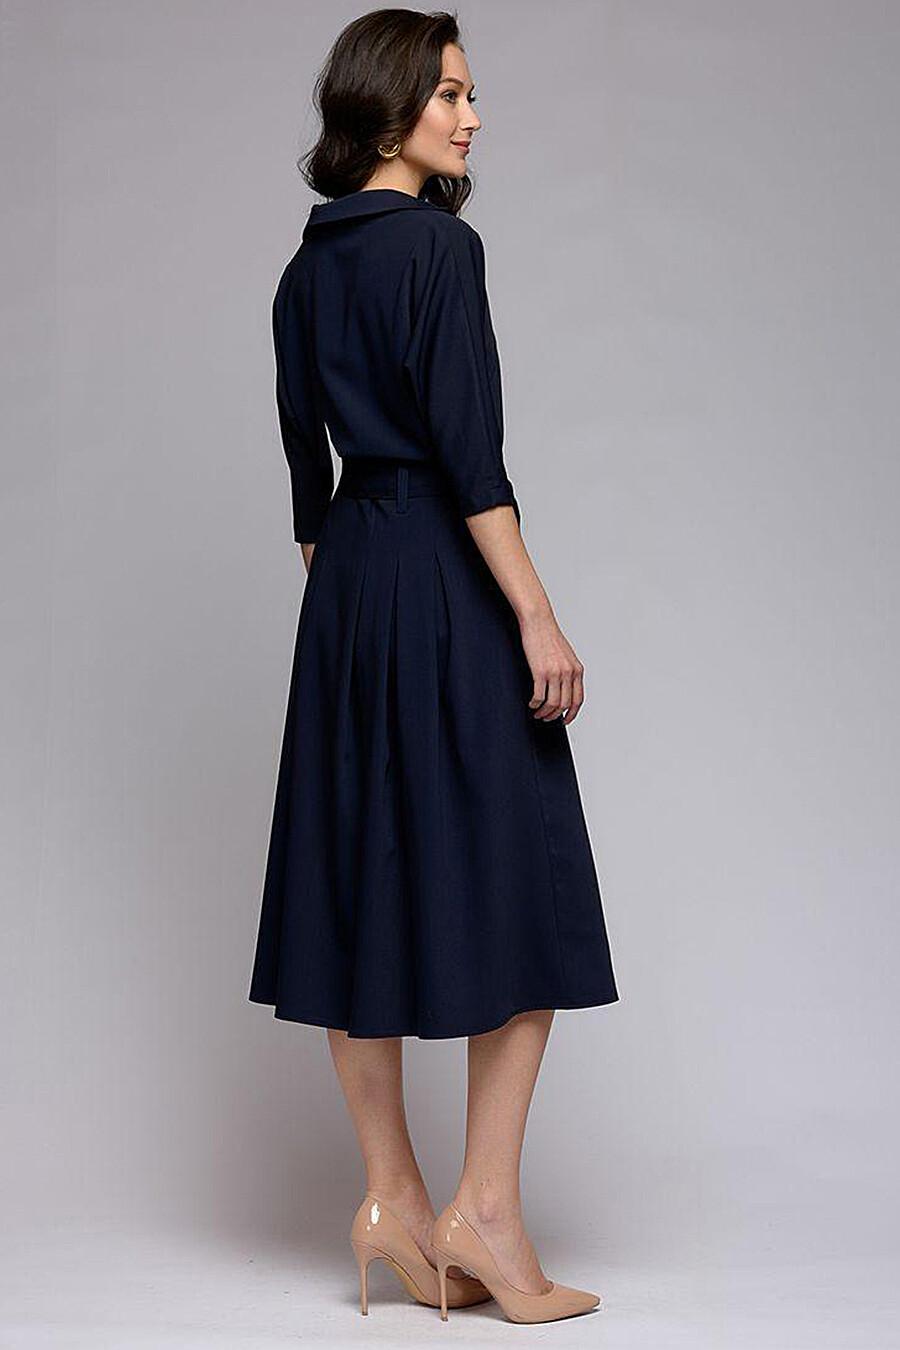 Платье для женщин 1001 DRESS 131049 купить оптом от производителя. Совместная покупка женской одежды в OptMoyo